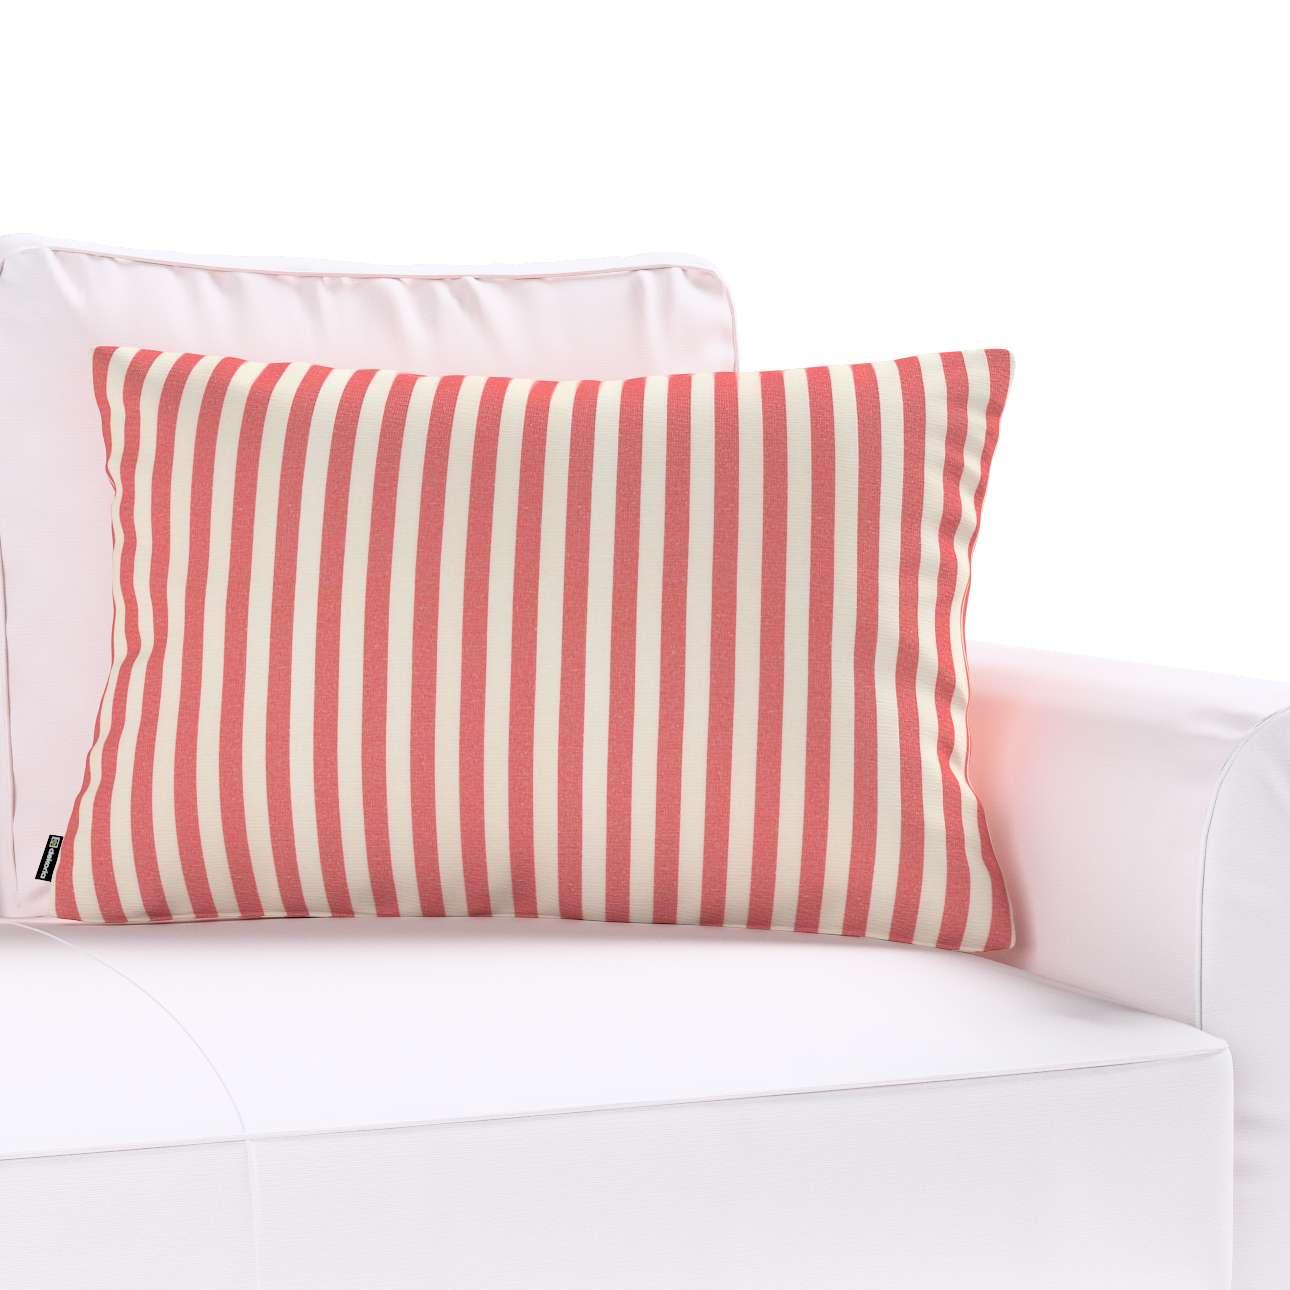 Poszewka Kinga na poduszkę prostokątną 60 x 40 cm w kolekcji Quadro, tkanina: 136-17